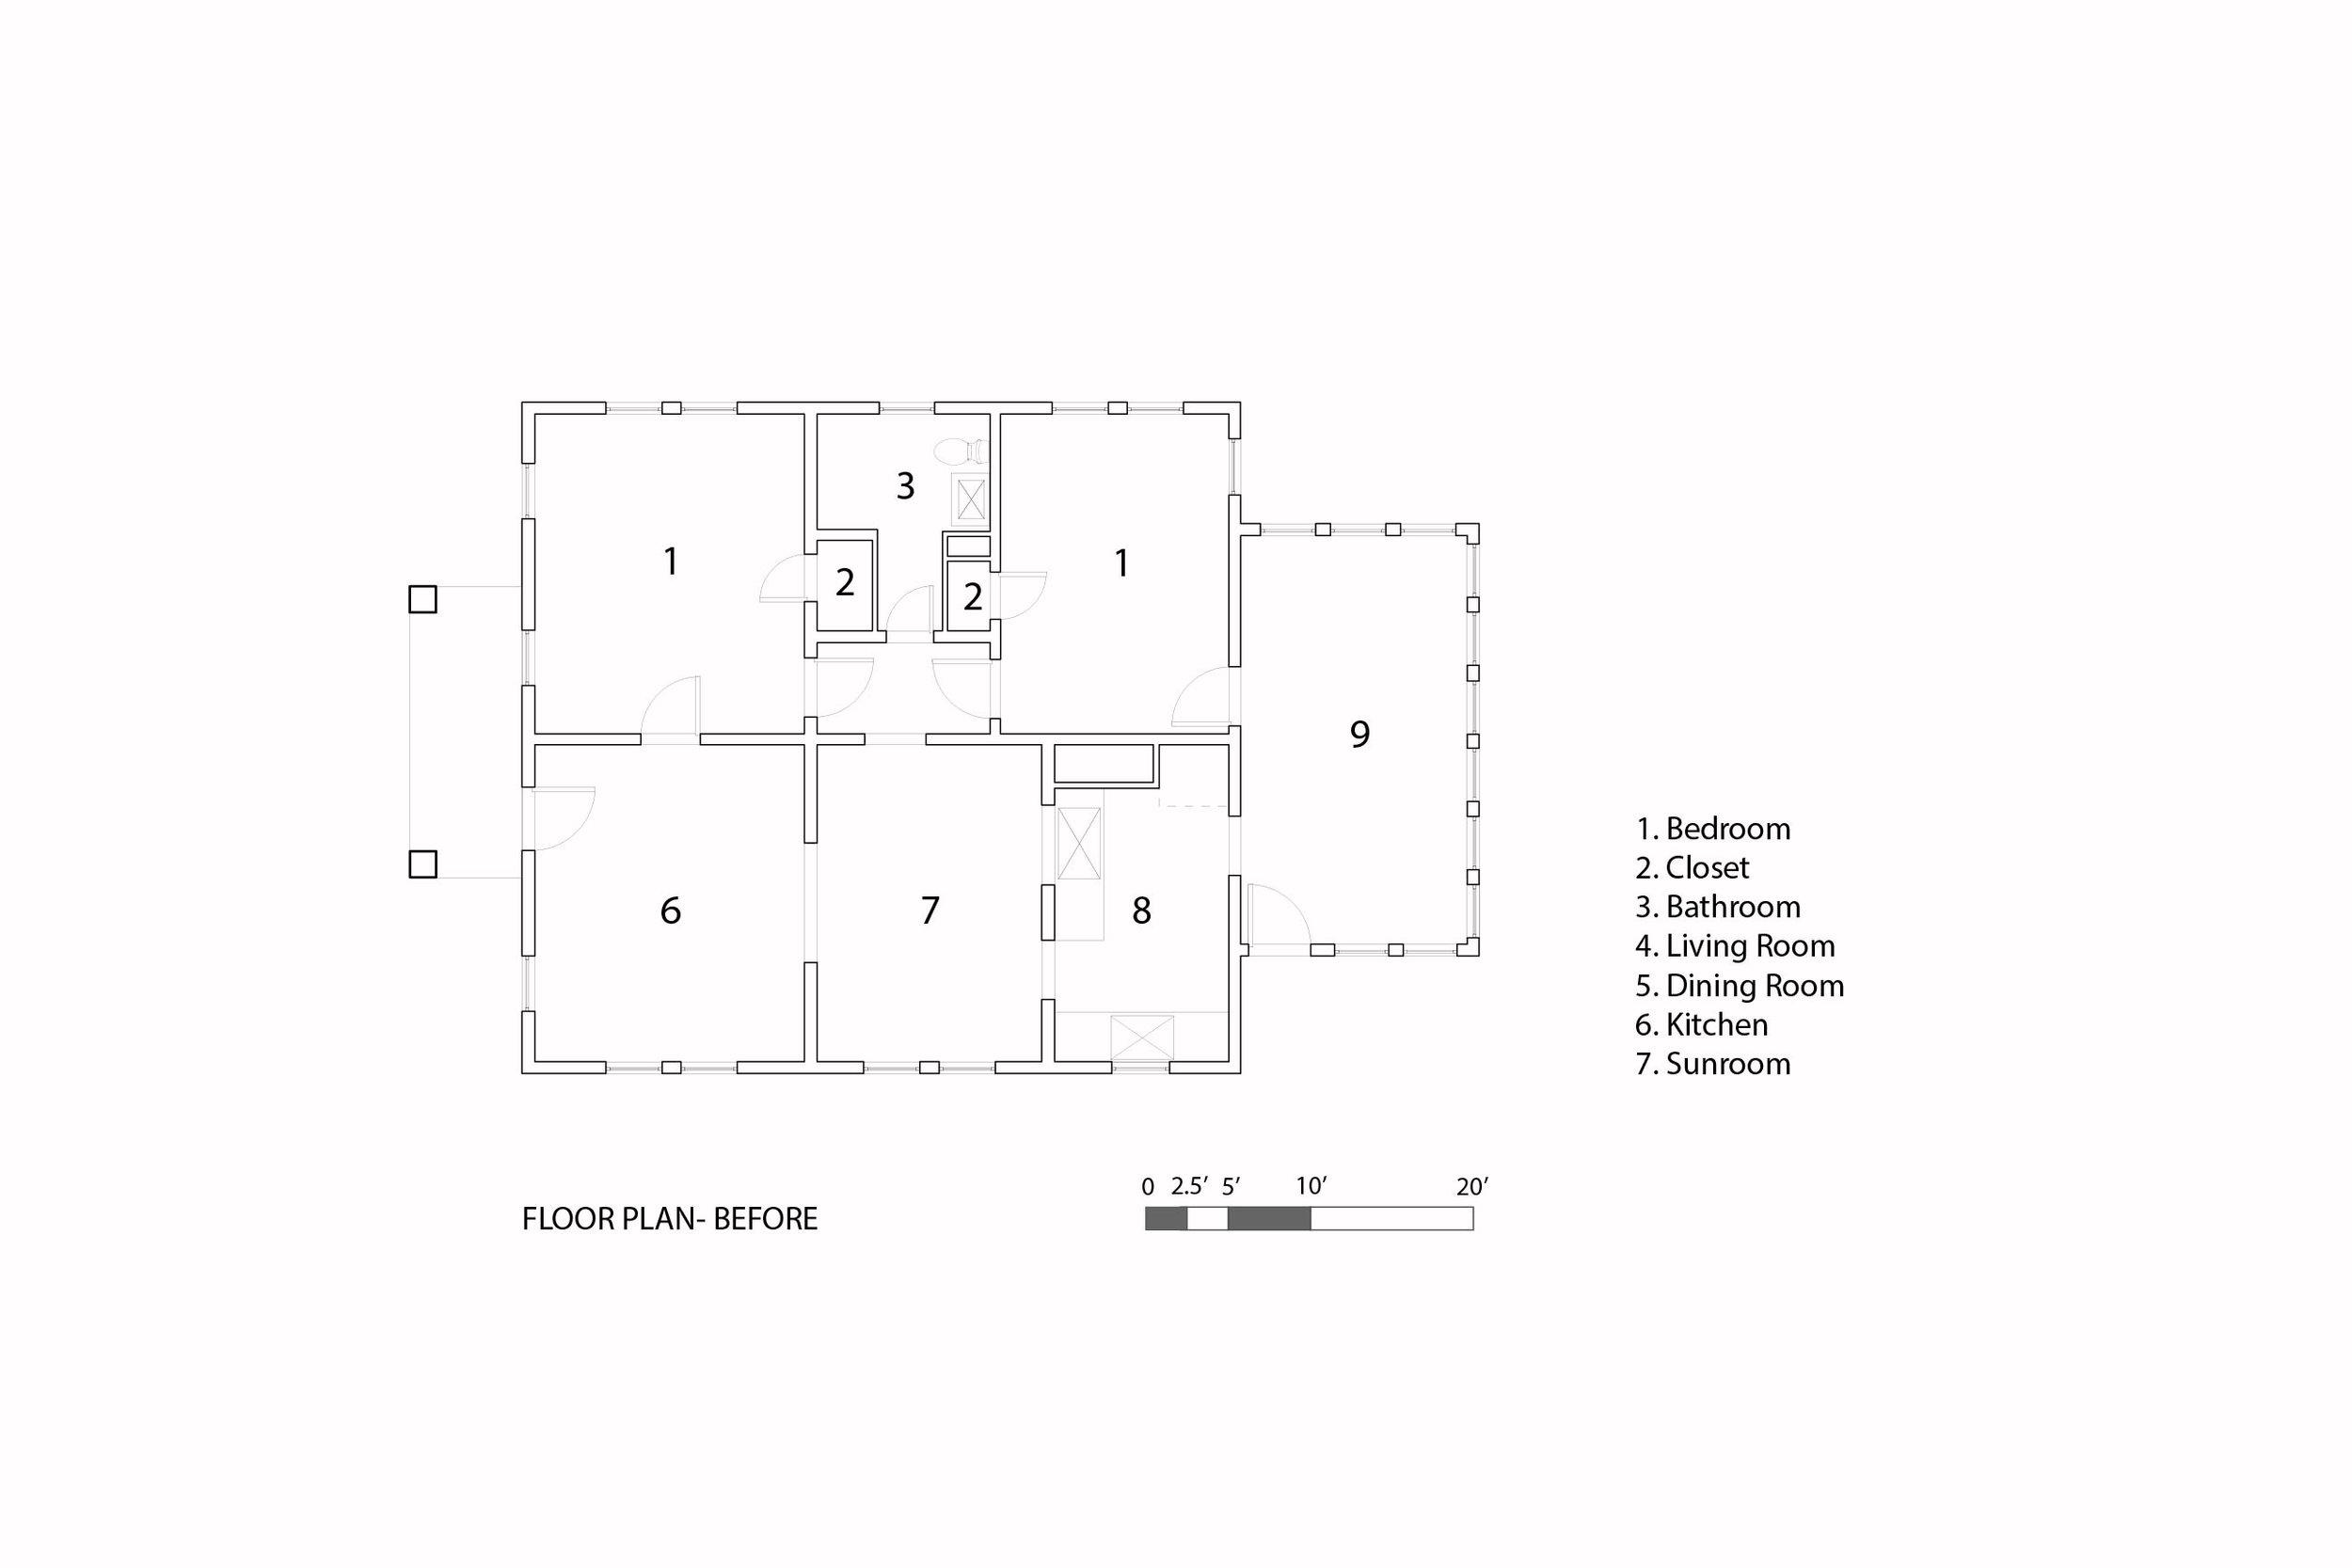 annie floor plan before 79.jpg